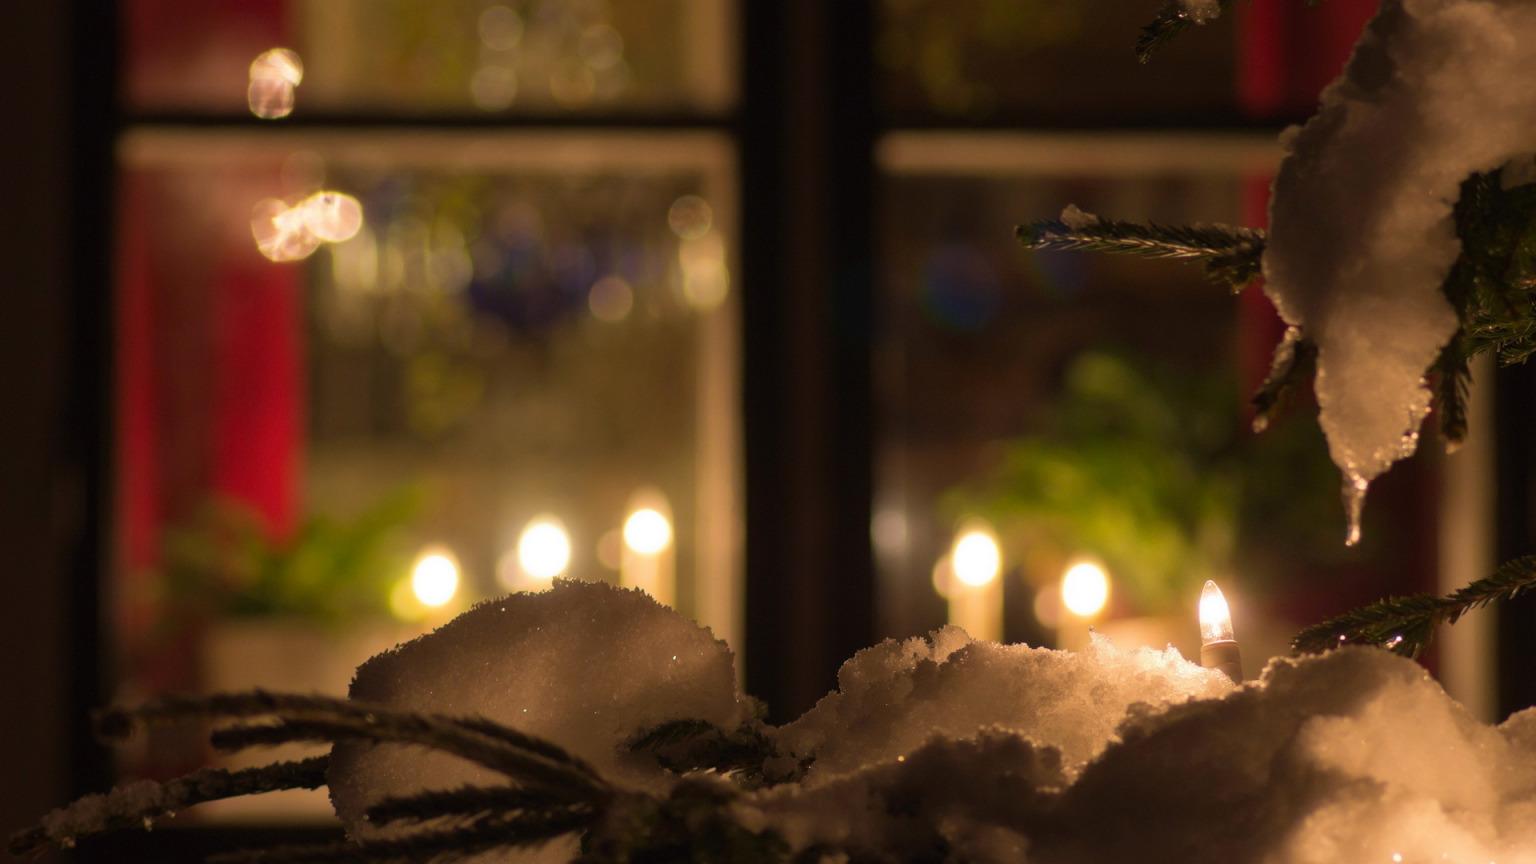 Скачать обои зима, окно, настроение, праздник, раздел праздн.